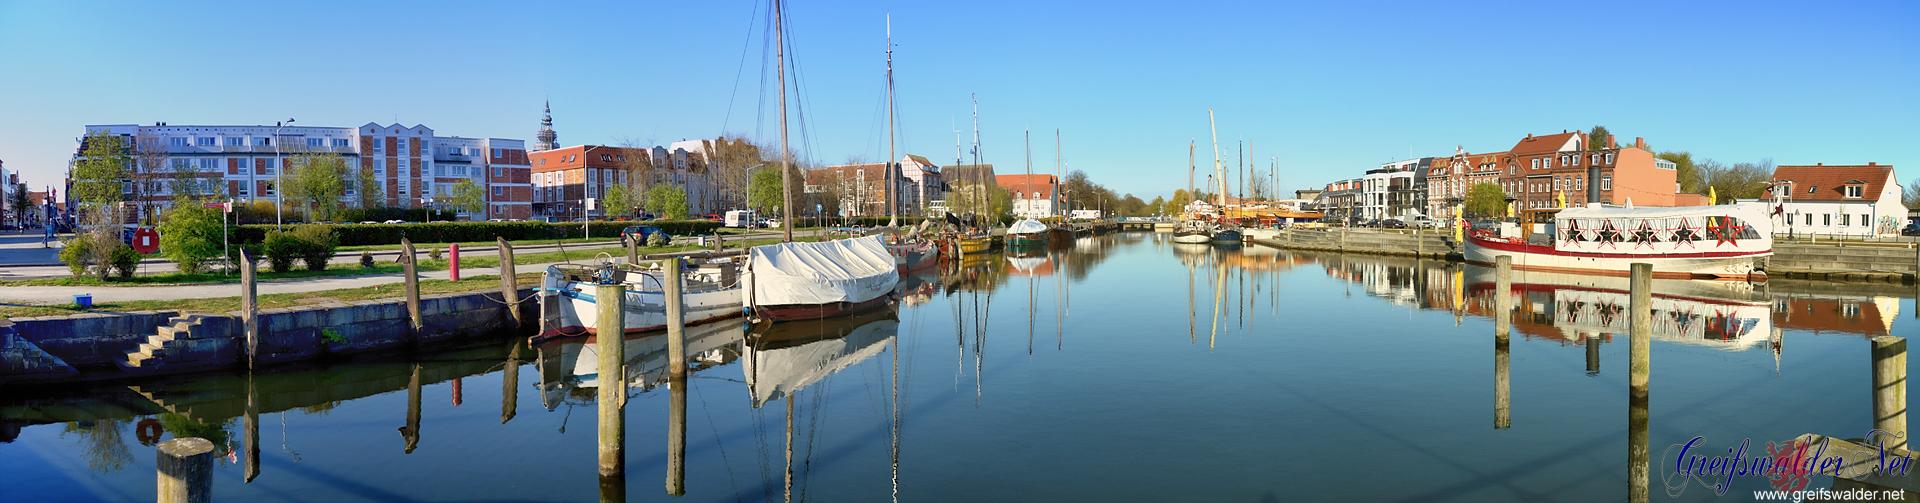 Freitagmorgen am Museumshafen in Greifswald